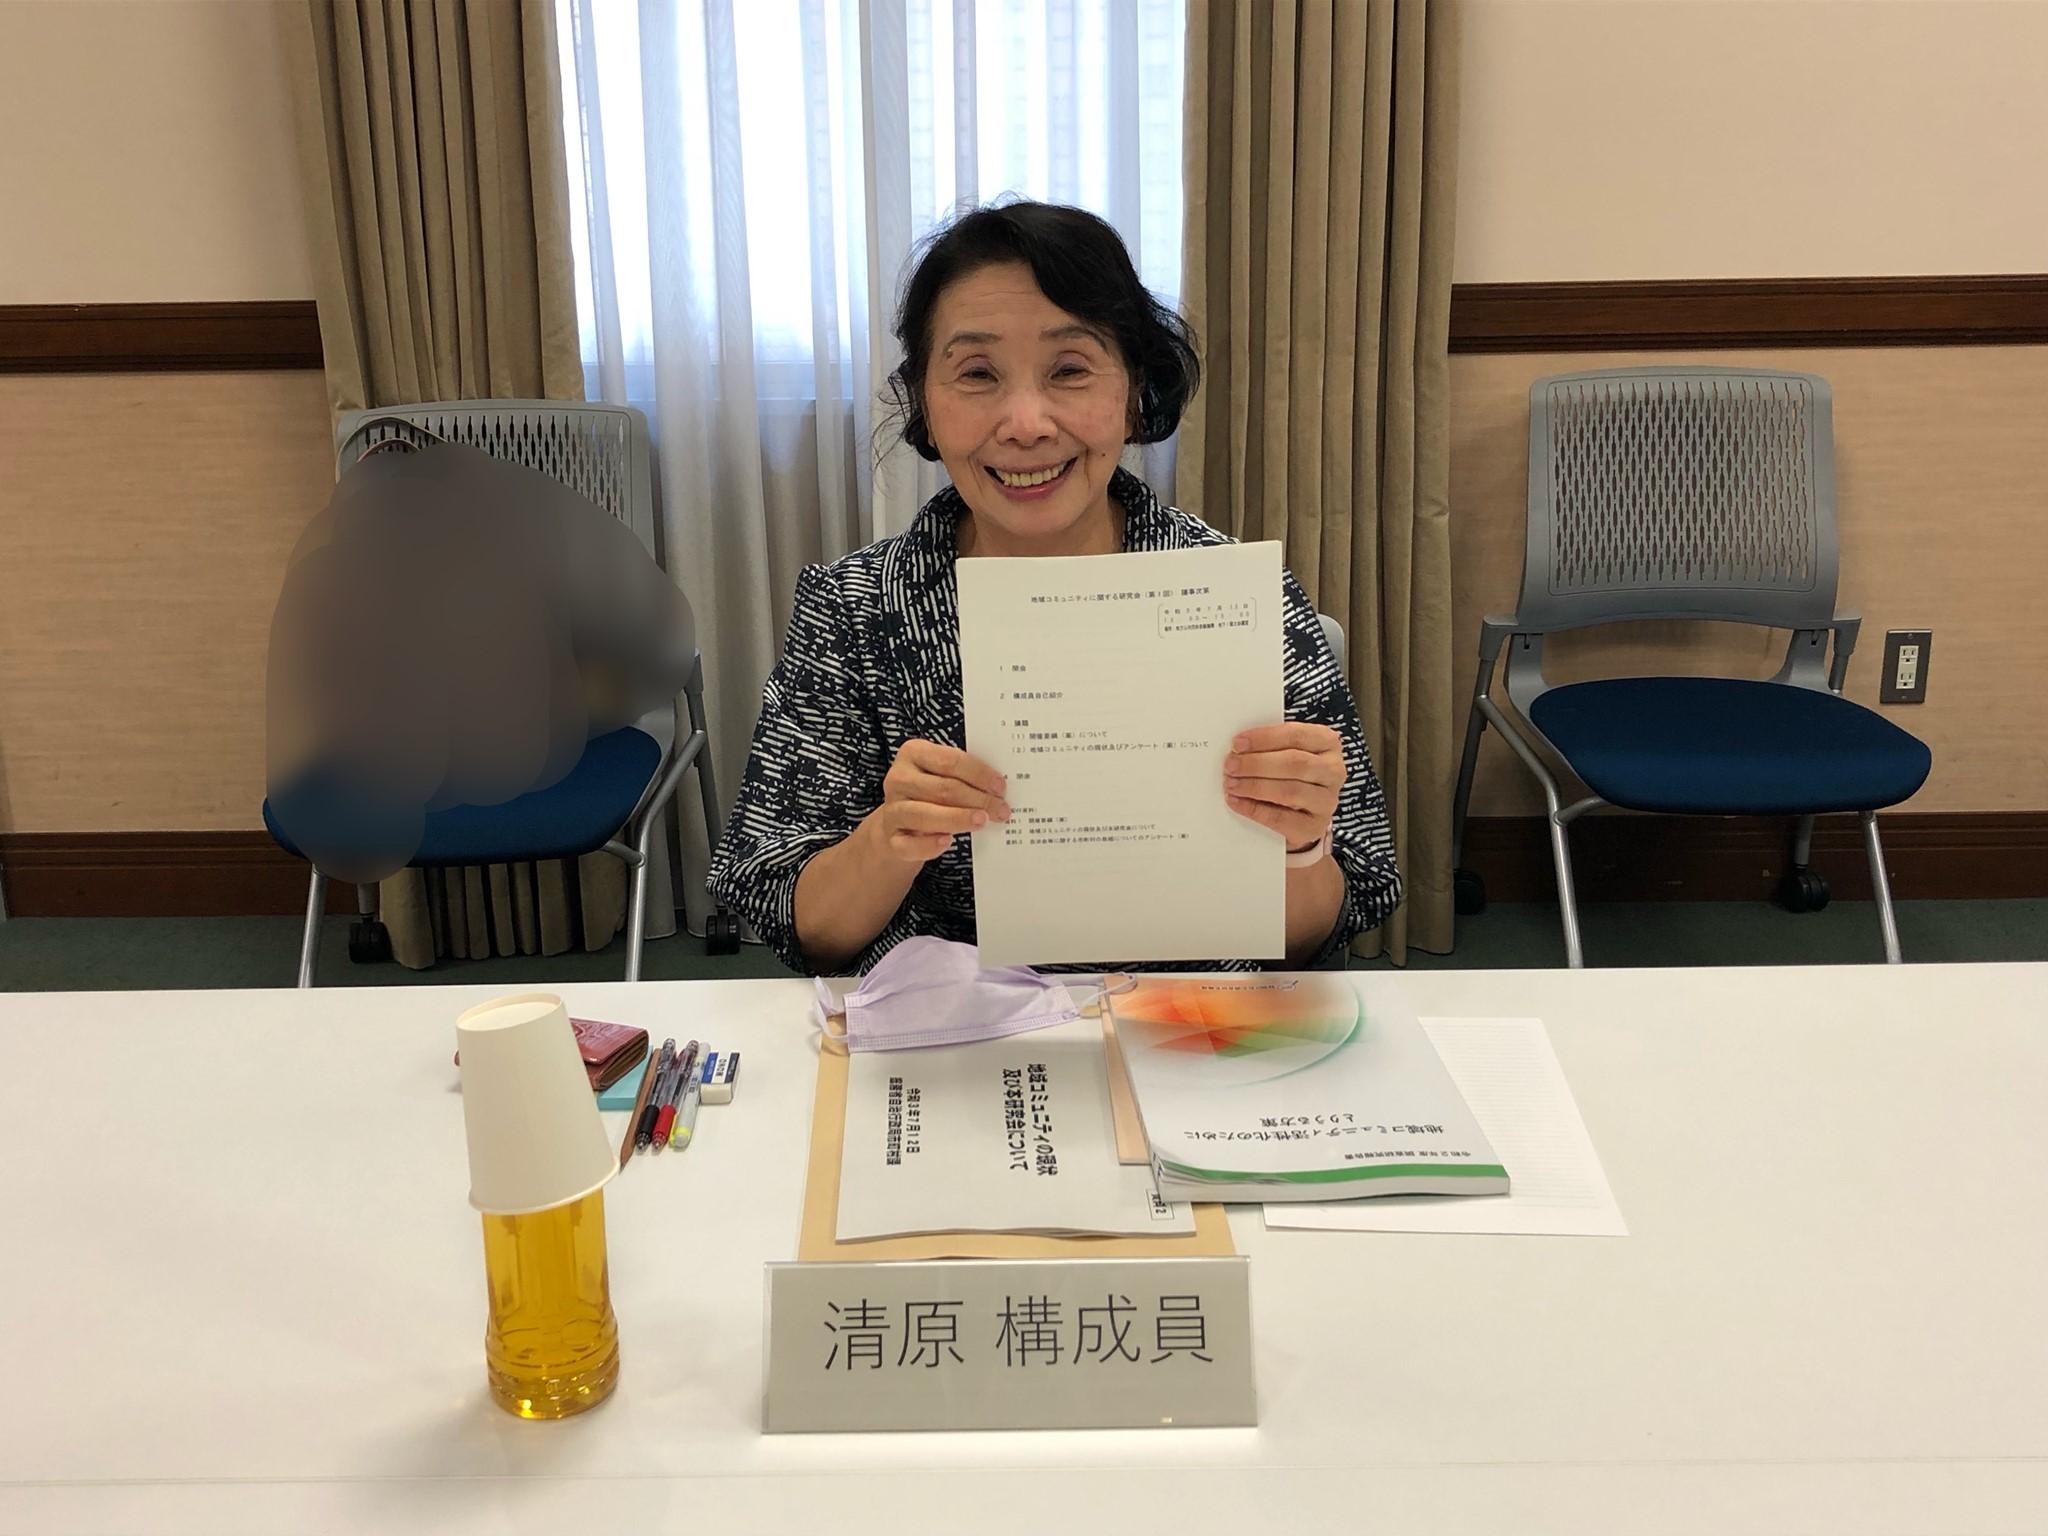 総務省自治行政局の第1回「地域コミュニティに関する研究会」に参加しました。